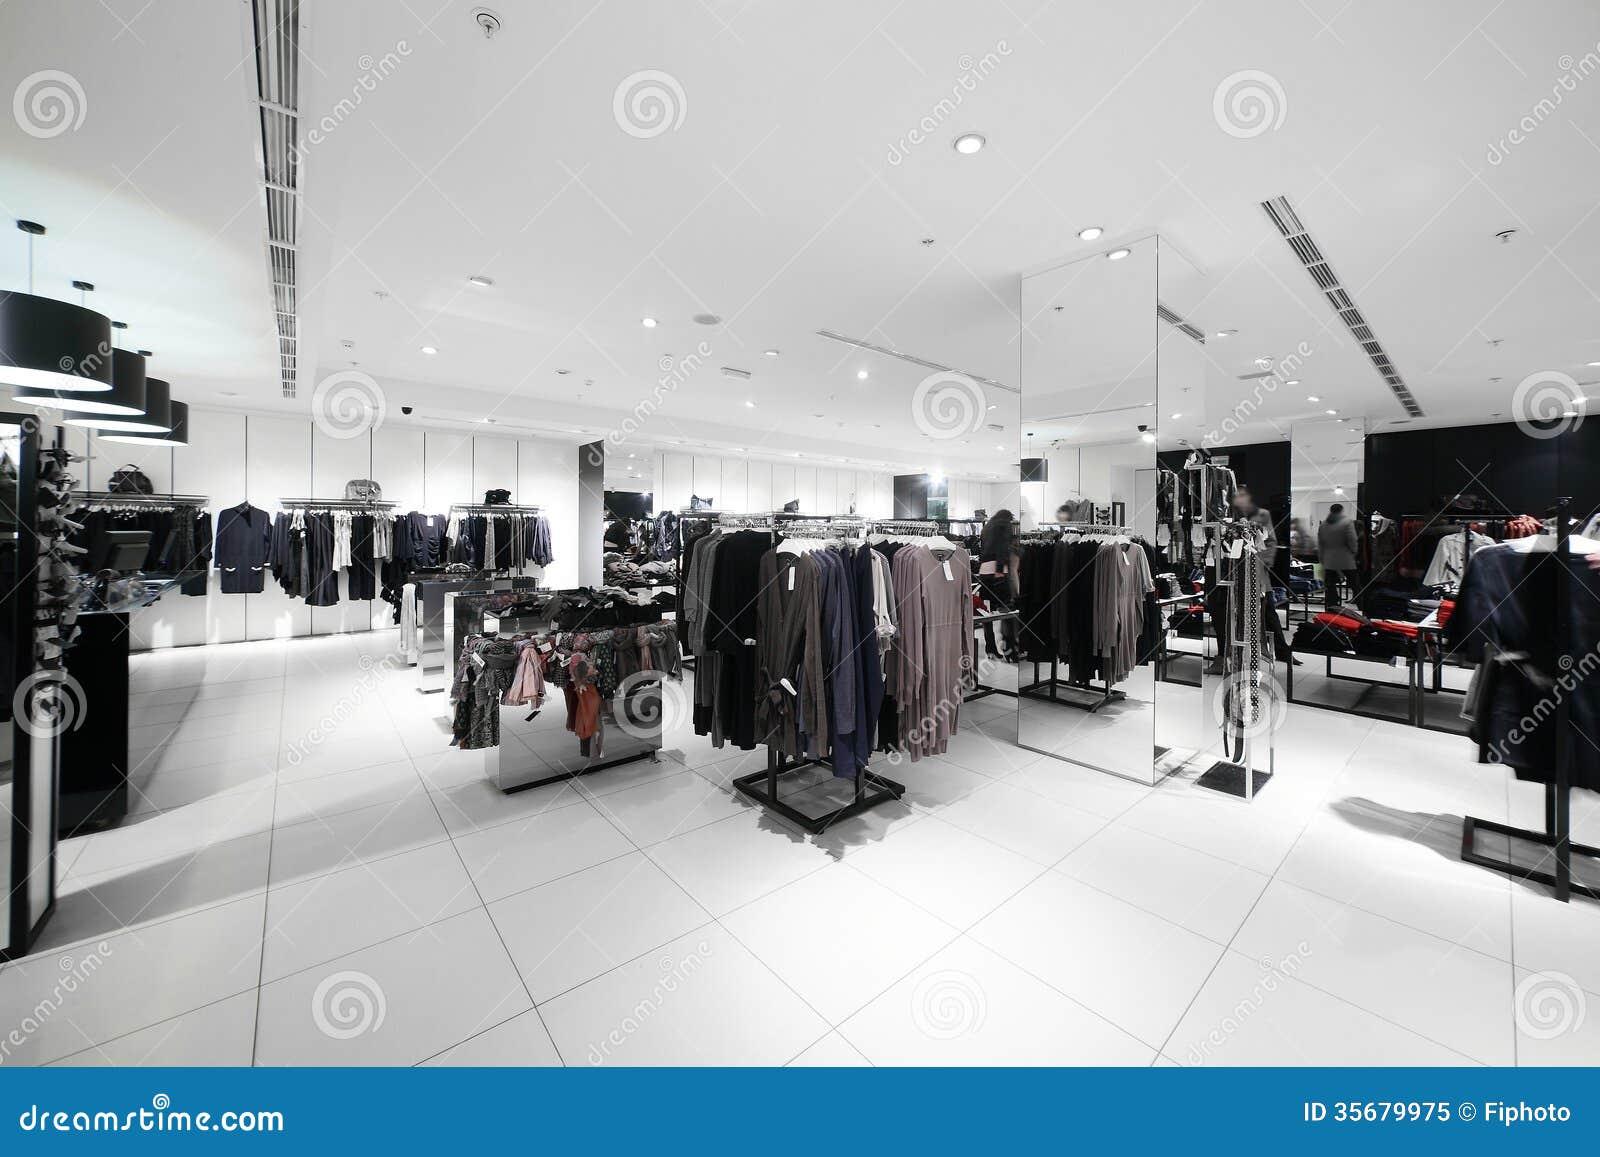 Anthology clothing store